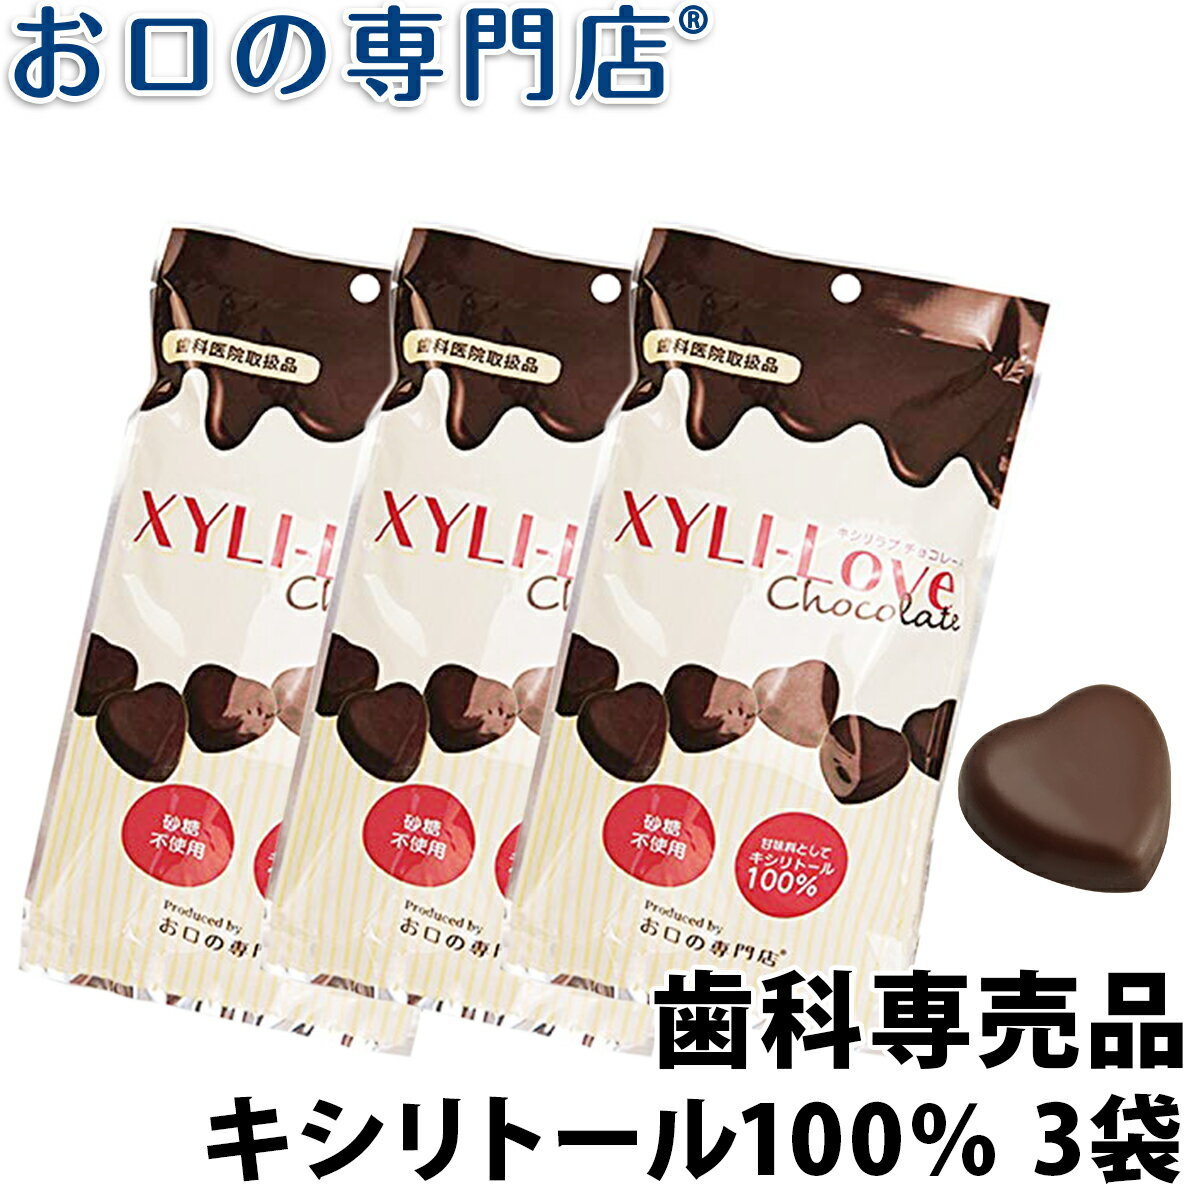 【エントリーで全品P5倍】XYLI-LOVE(キシリラブ) チョコレート 24粒(72g) × 3袋 【送料無料・メール便でお届け】 歯科専売品